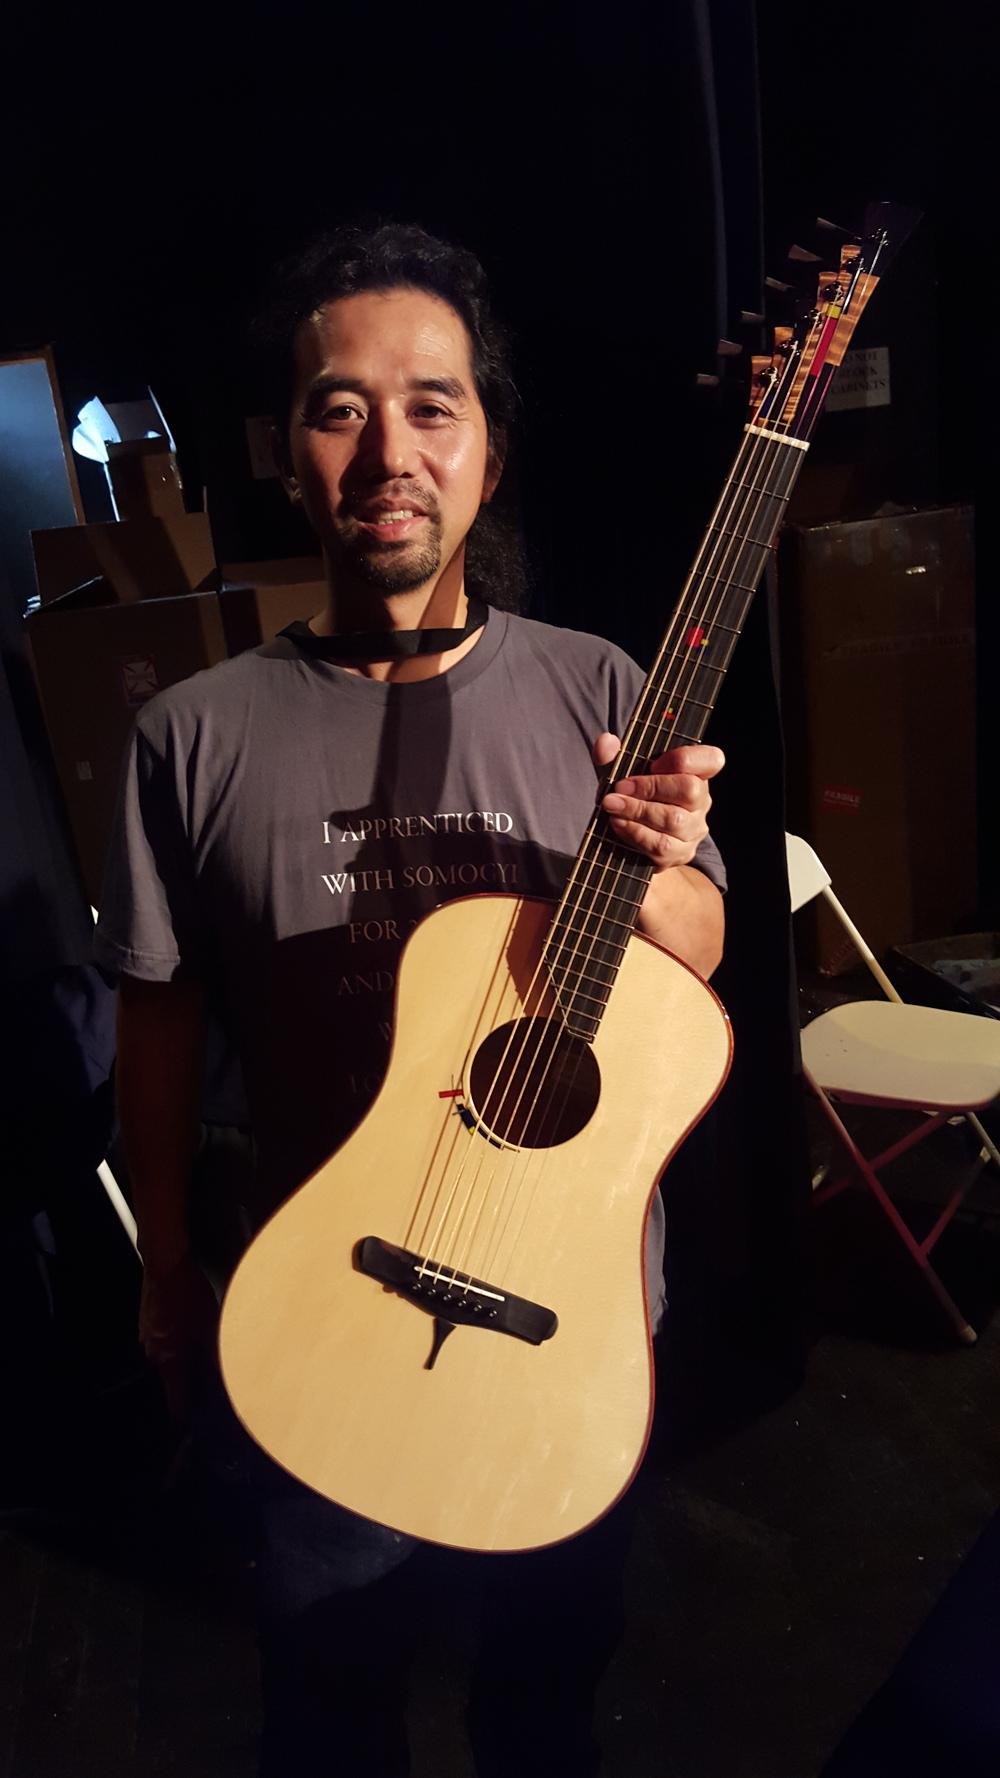 Michihiro Matsuda with his Piet Mondrian inspired guitar.